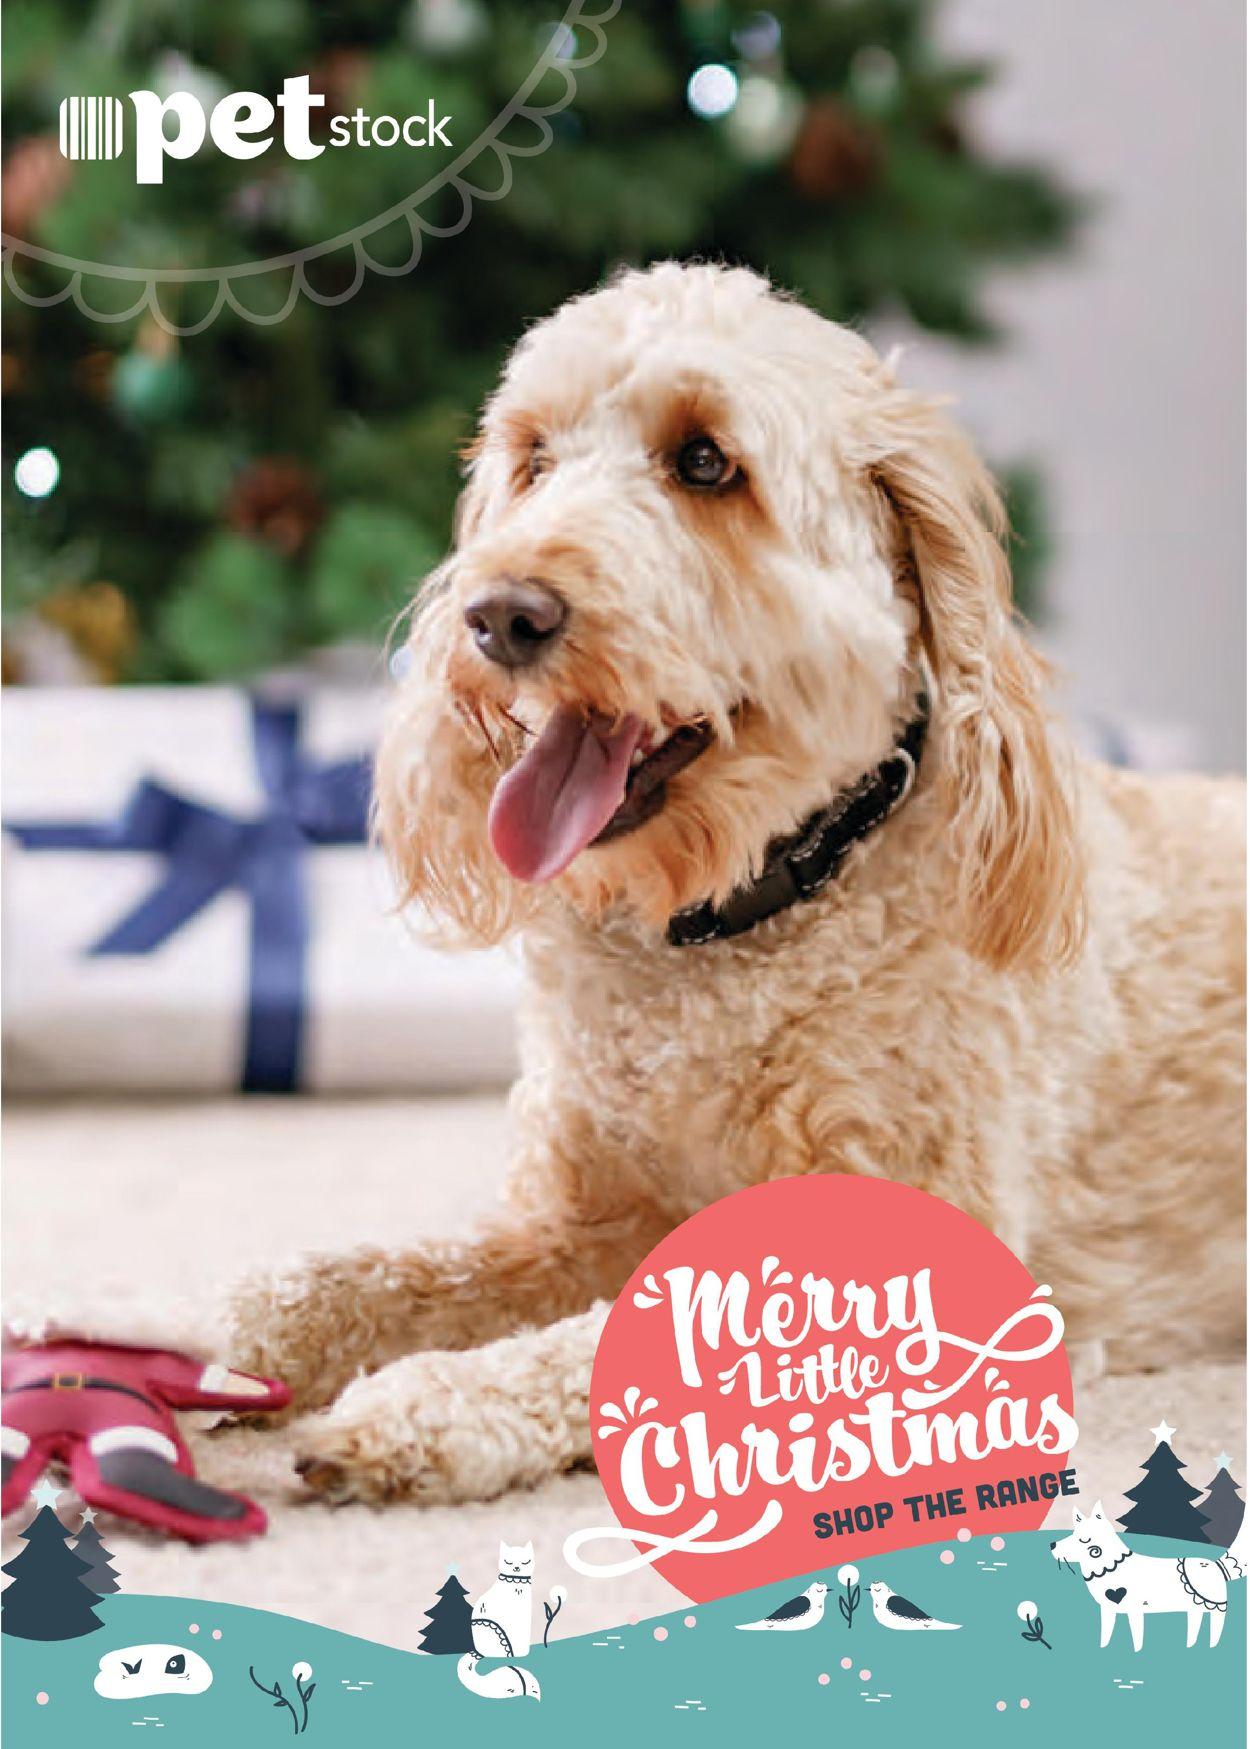 Pet Stock Christmas 2020 Catalogue - 02/11-24/12/2020